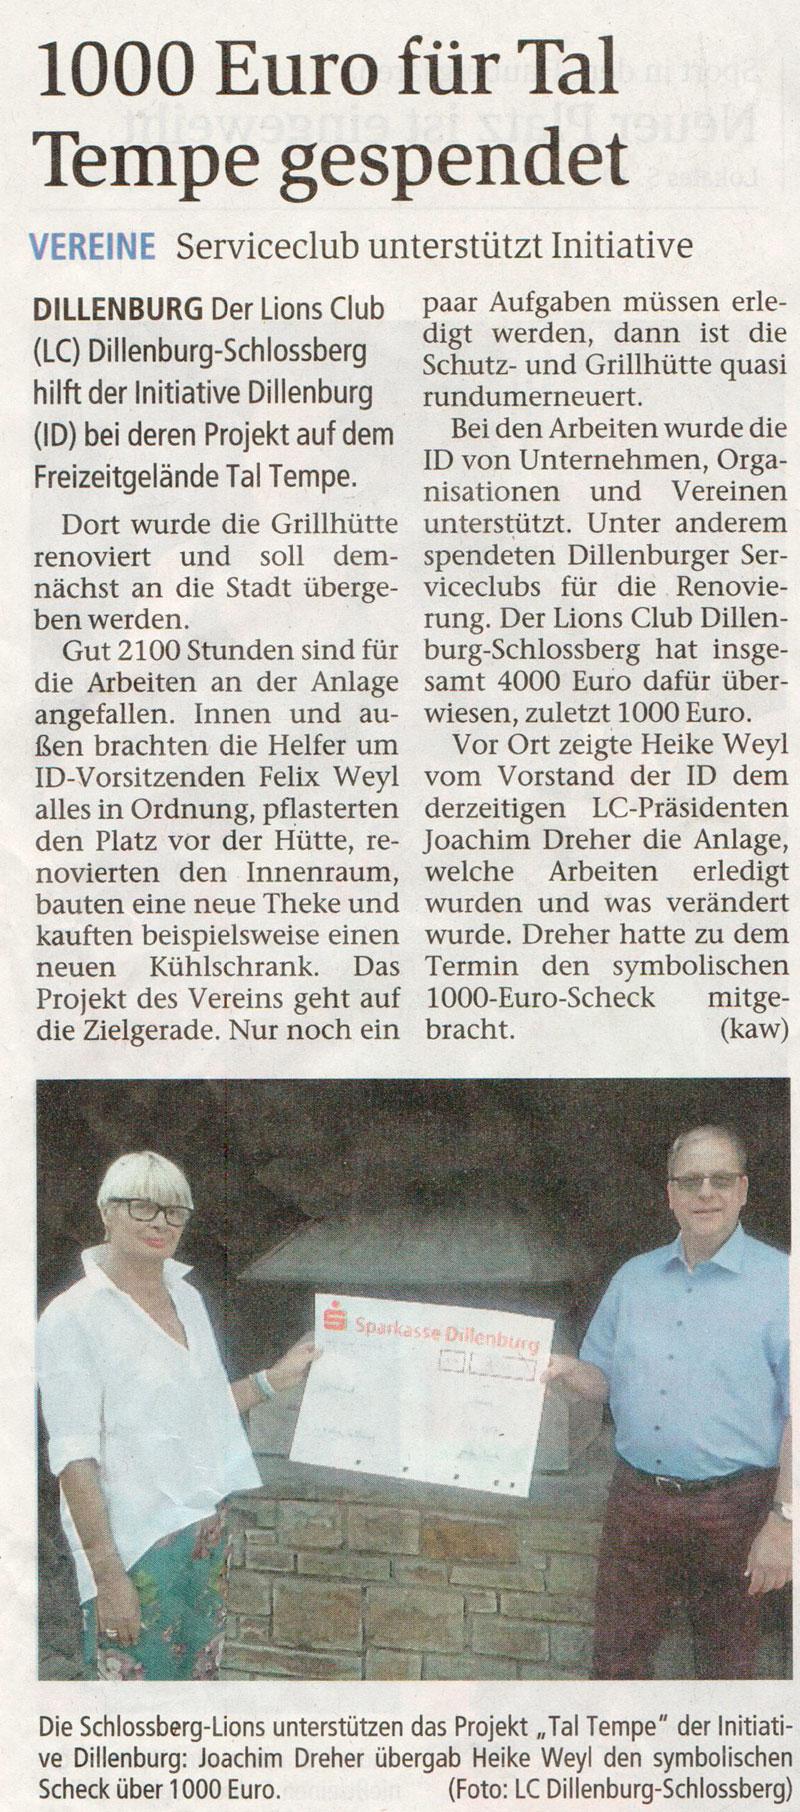 """Die Schlossberg-Lions unterstützen das Projekt """"Tal Tempe"""" der Initiative Dillenburg: Joachim Dreher übergab Heike Weyl den symbolischen Scheck über 1000 Euro."""